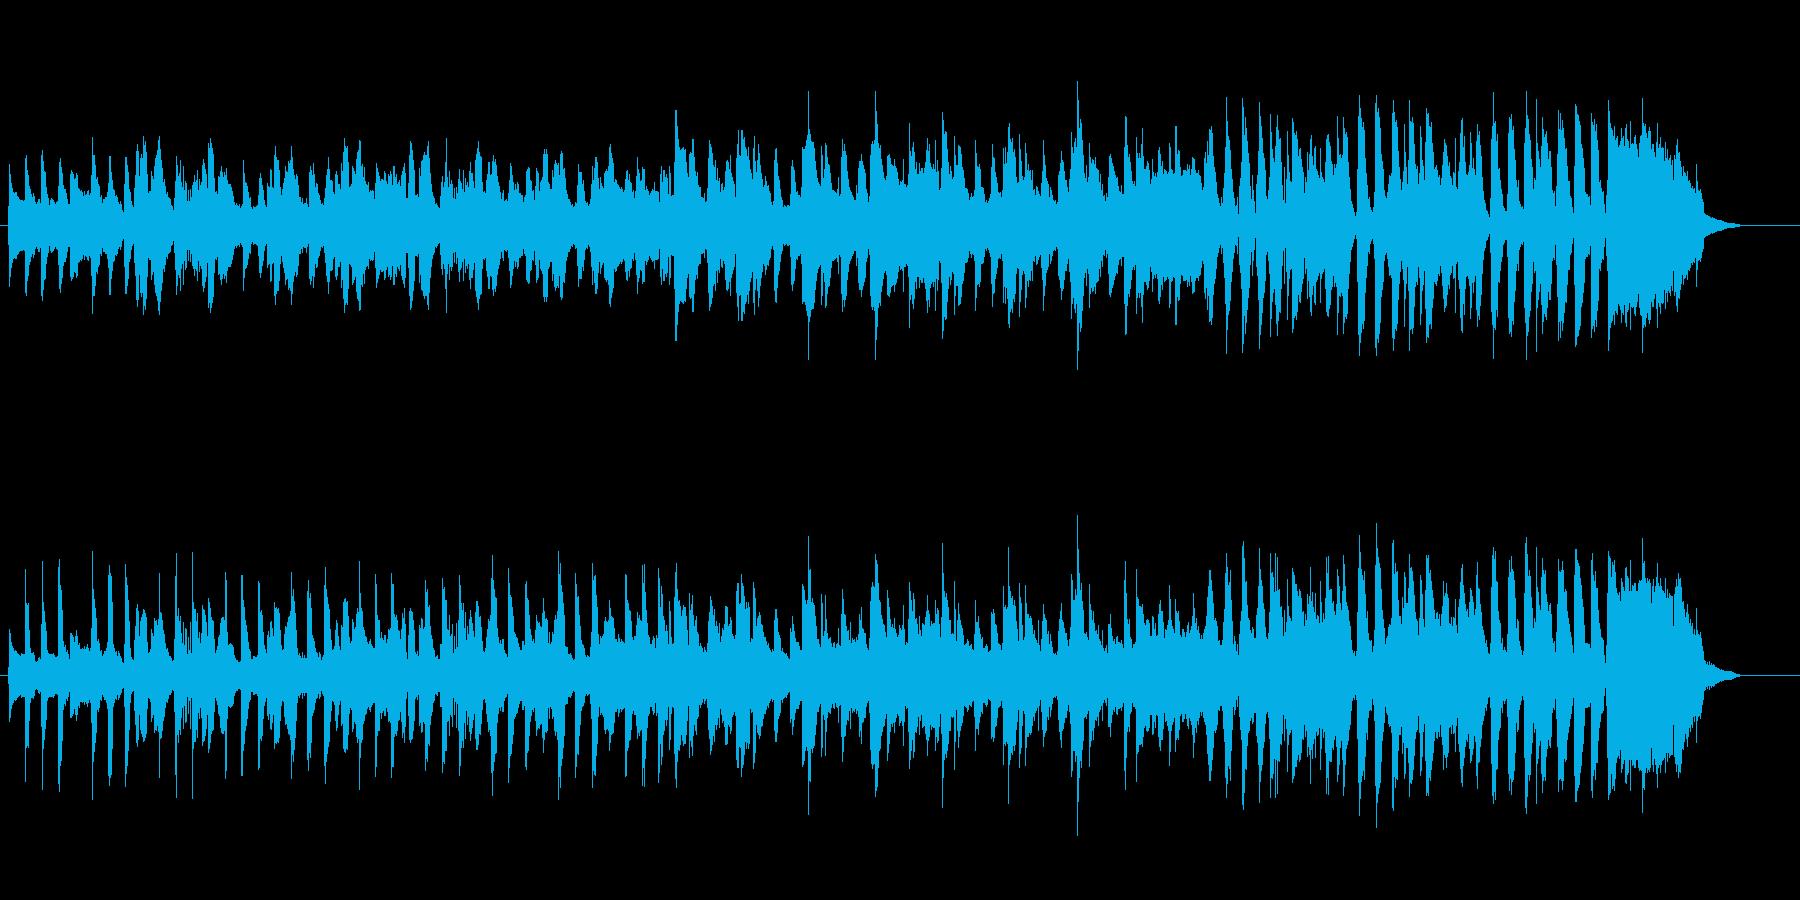 ほっこり かわいい ほのぼの 口笛BGMの再生済みの波形